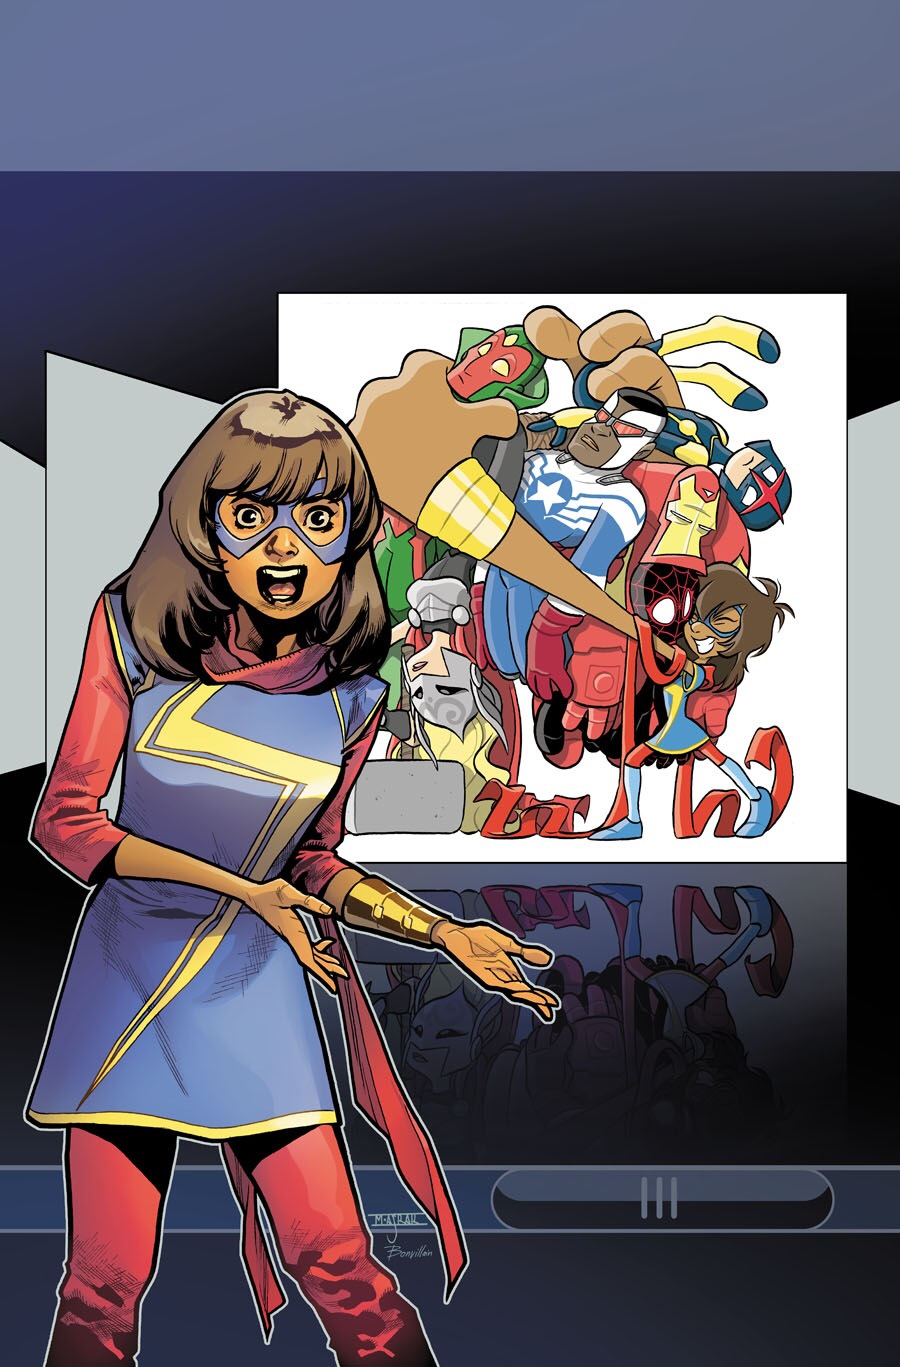 All-New, All-Different Avengers Annual Vol 1 1 Asrar & Fosgitt Variant Textless.jpg